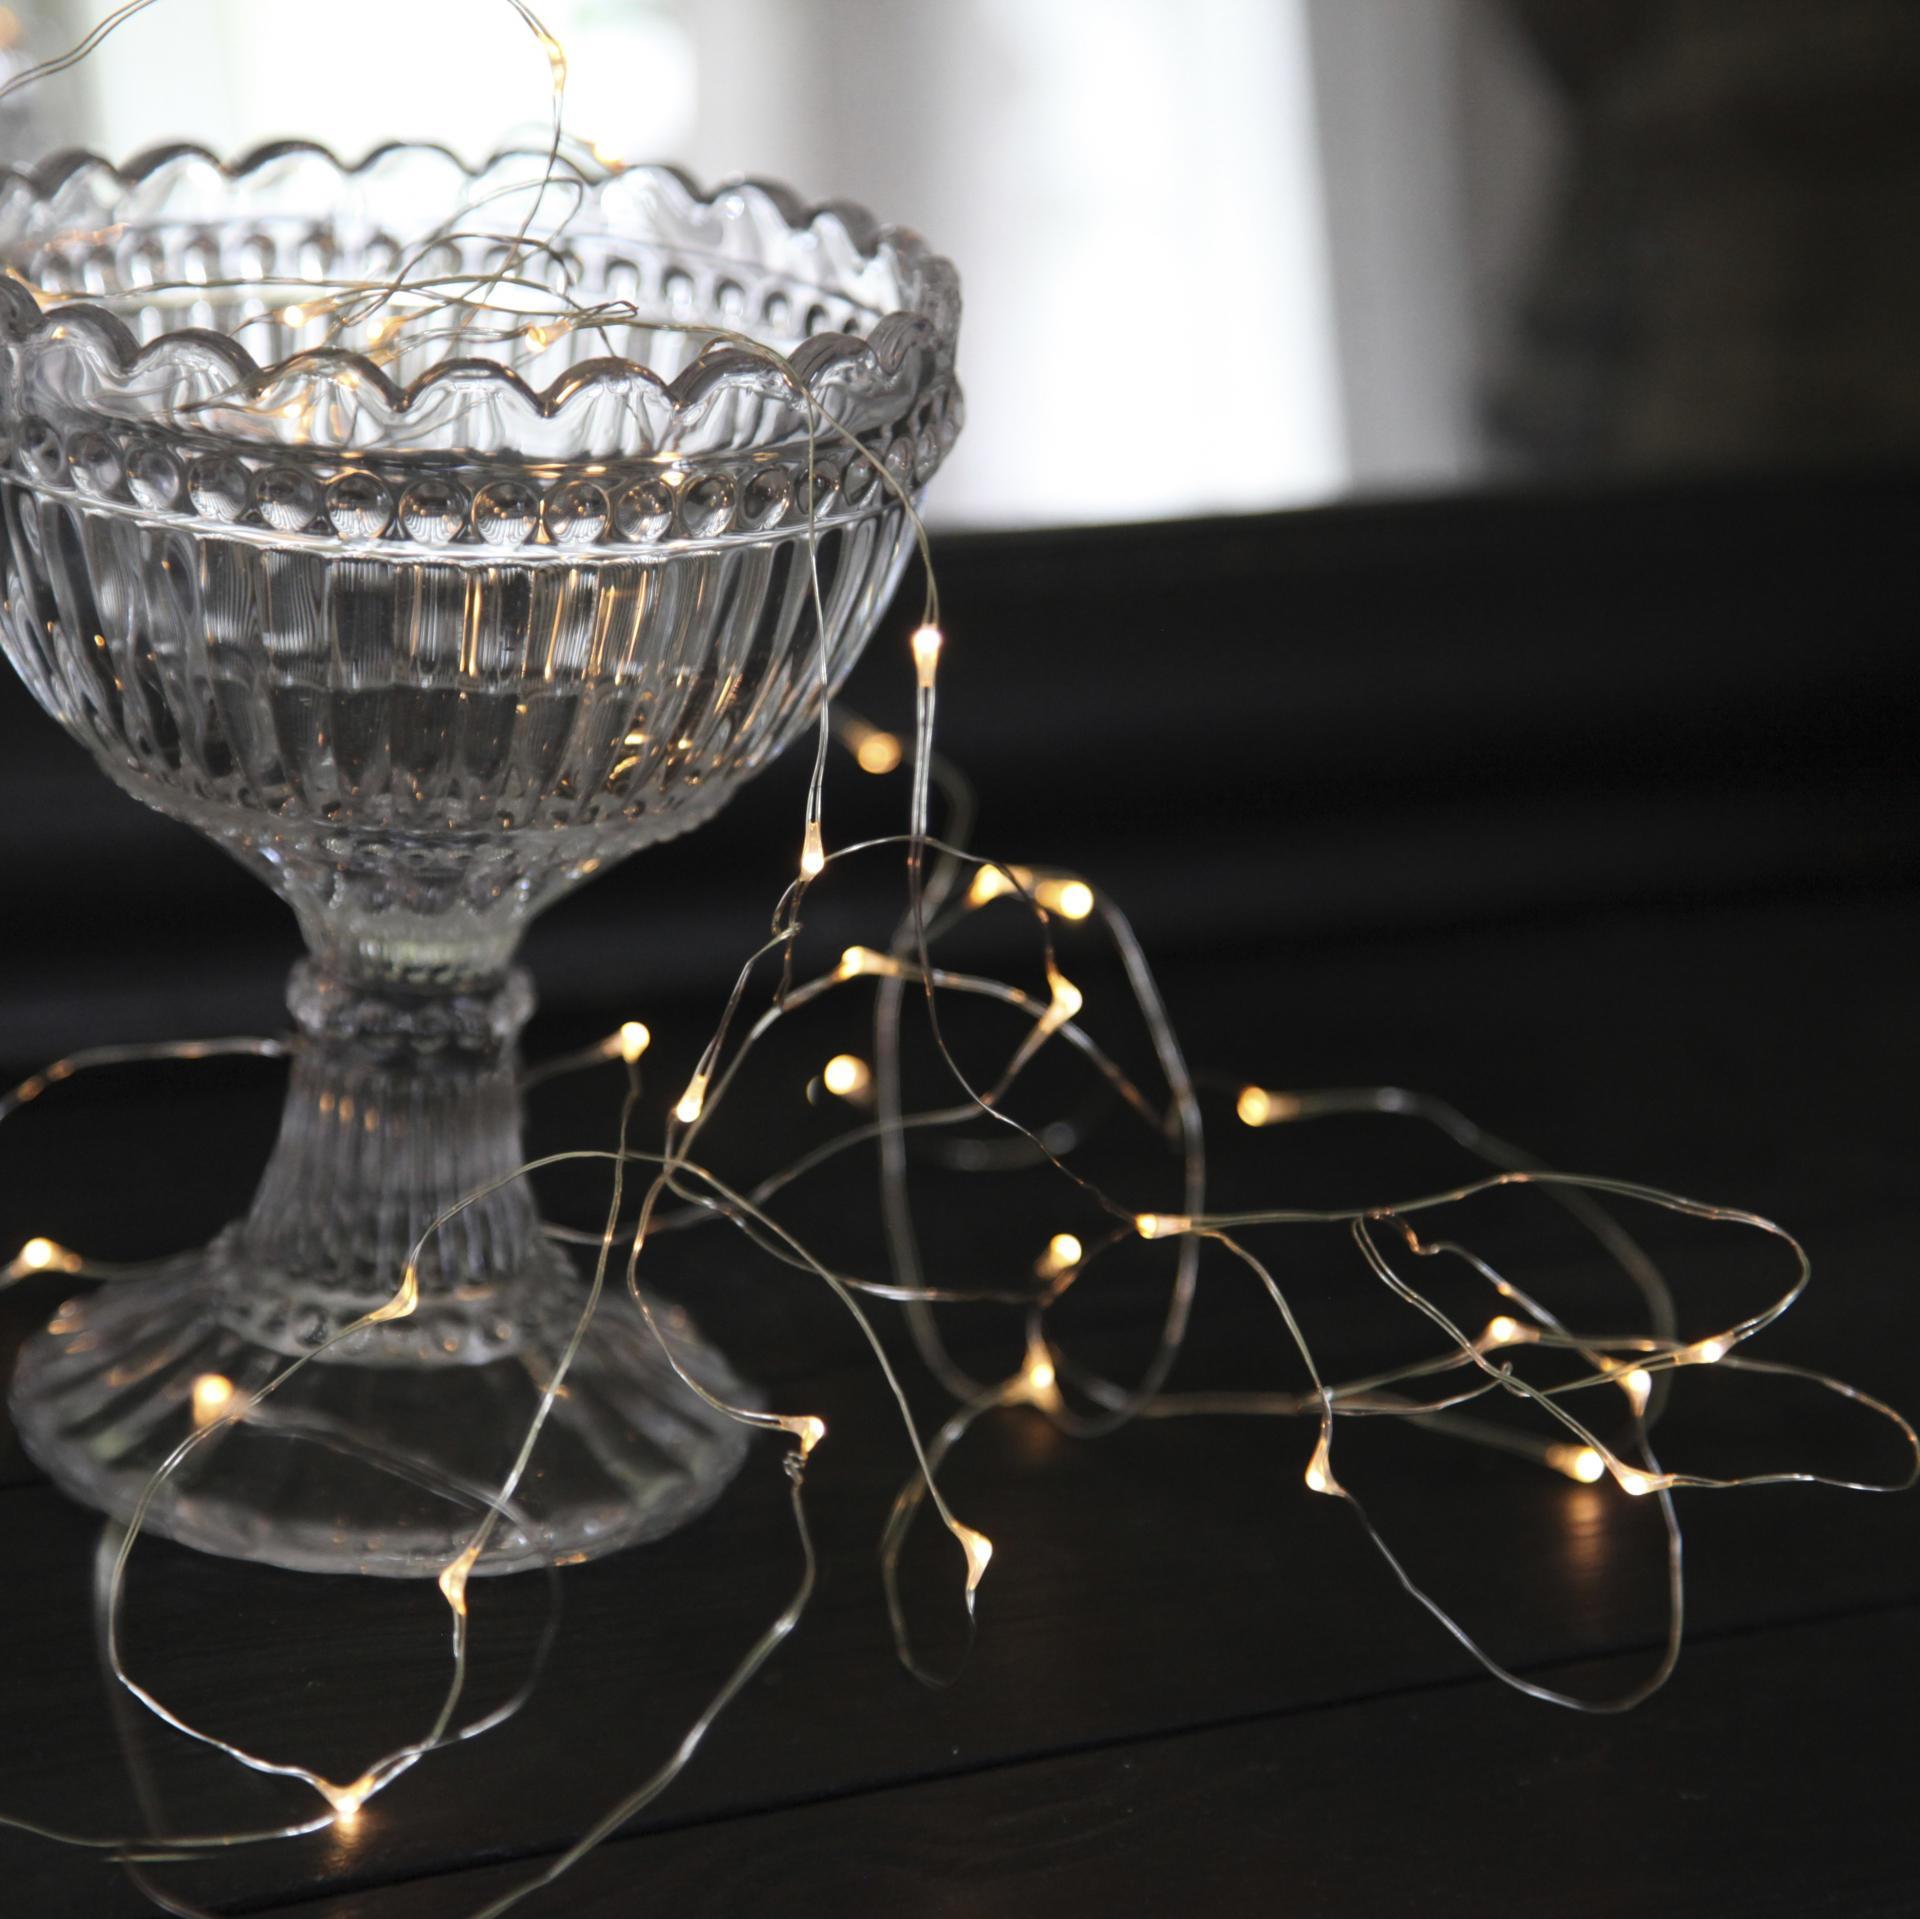 STAR TRADING Světelný LED drátek Silver Light, stříbrná barva